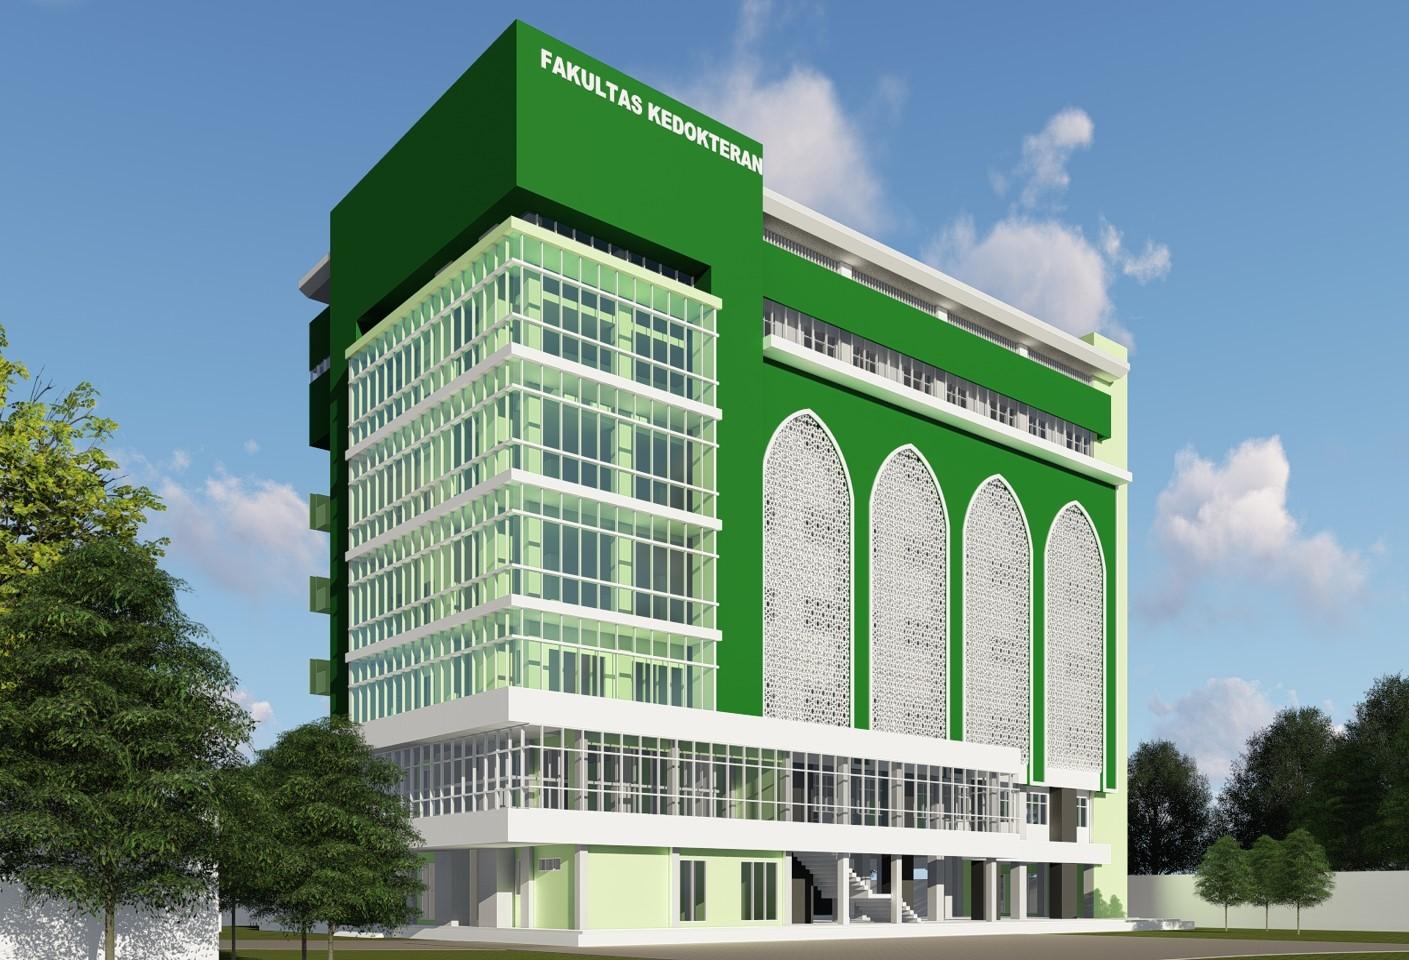 Gedung Fakultas Kedokteran Unimus